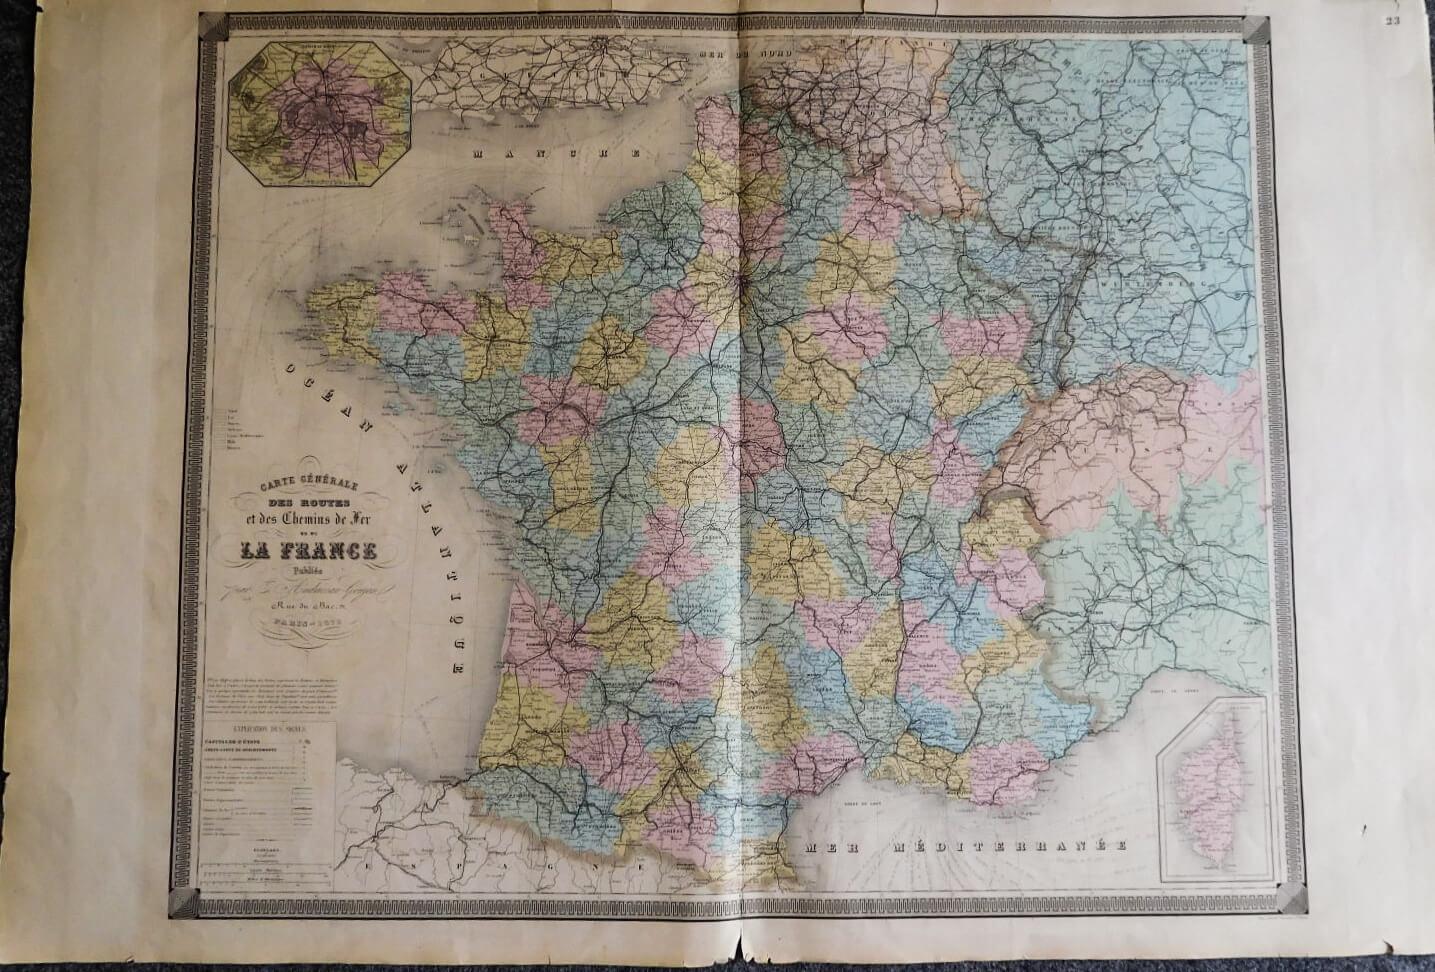 Carte Générale des Routes La France 1873 France map Karte